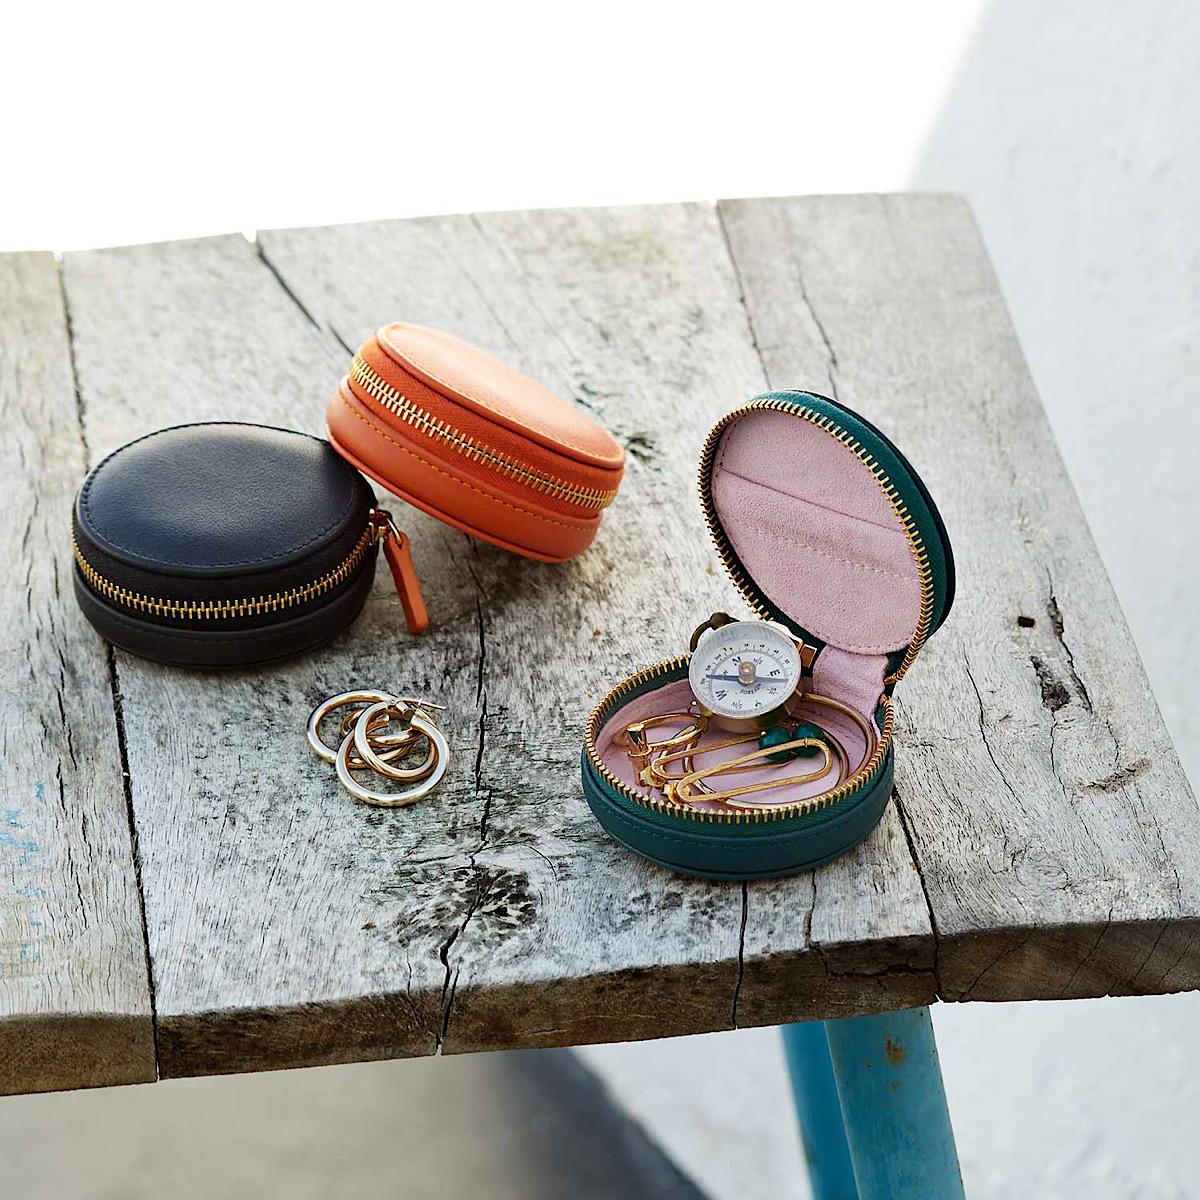 Stow London Schmuckbox online kaufen bei Gustavia Shop